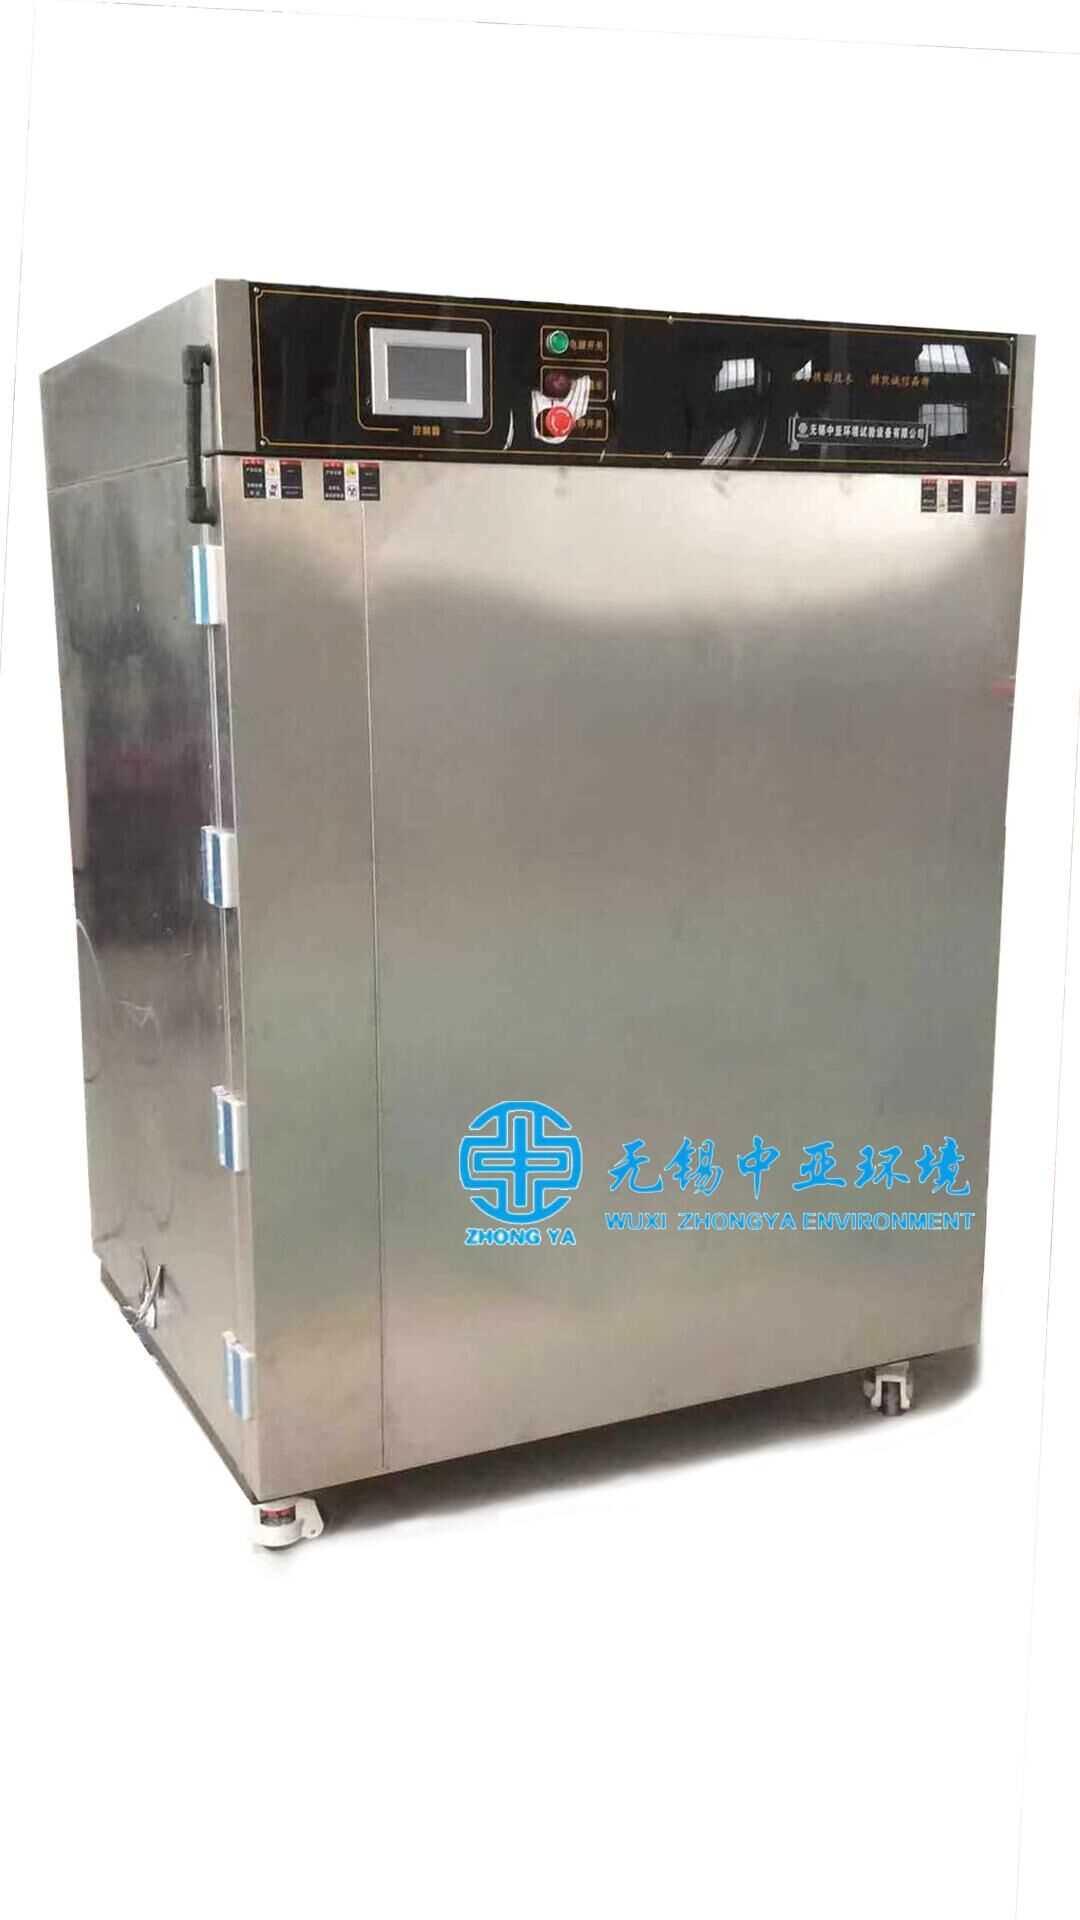 �o�a中���y液氮速��C和液氮深冷箱入�v阿�x�W迎接推�V新篇章